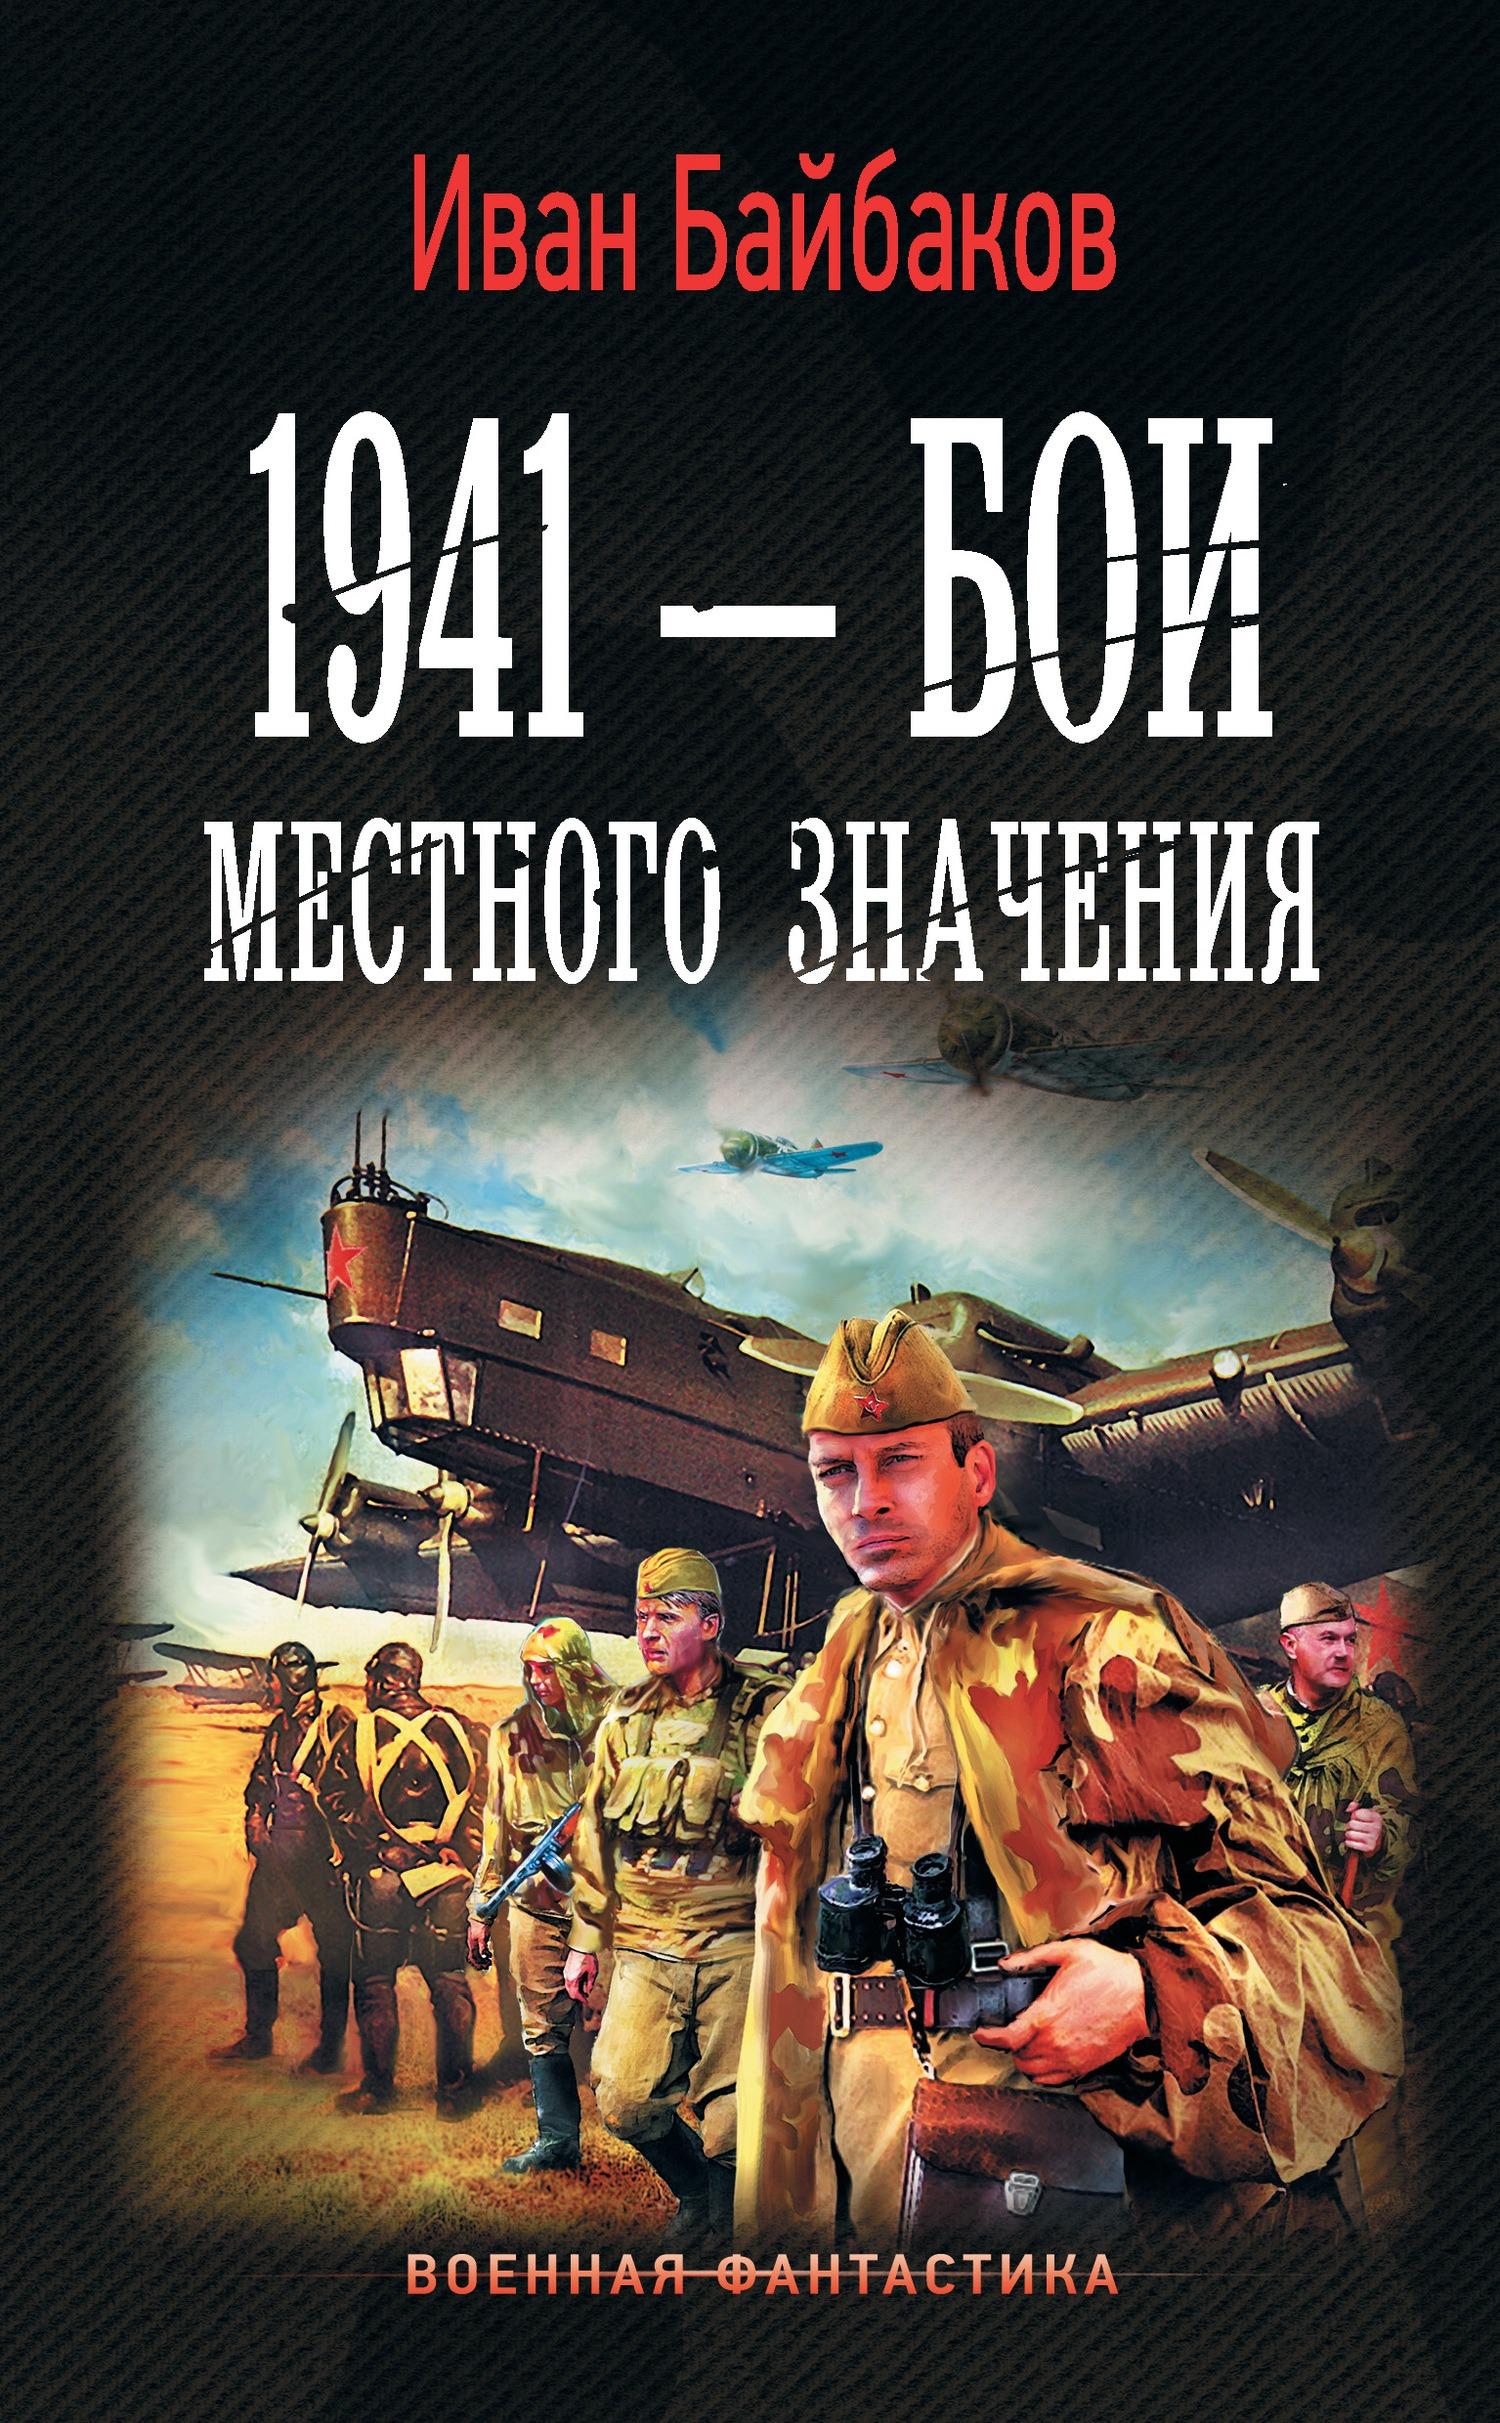 1941 – Бои местного значения